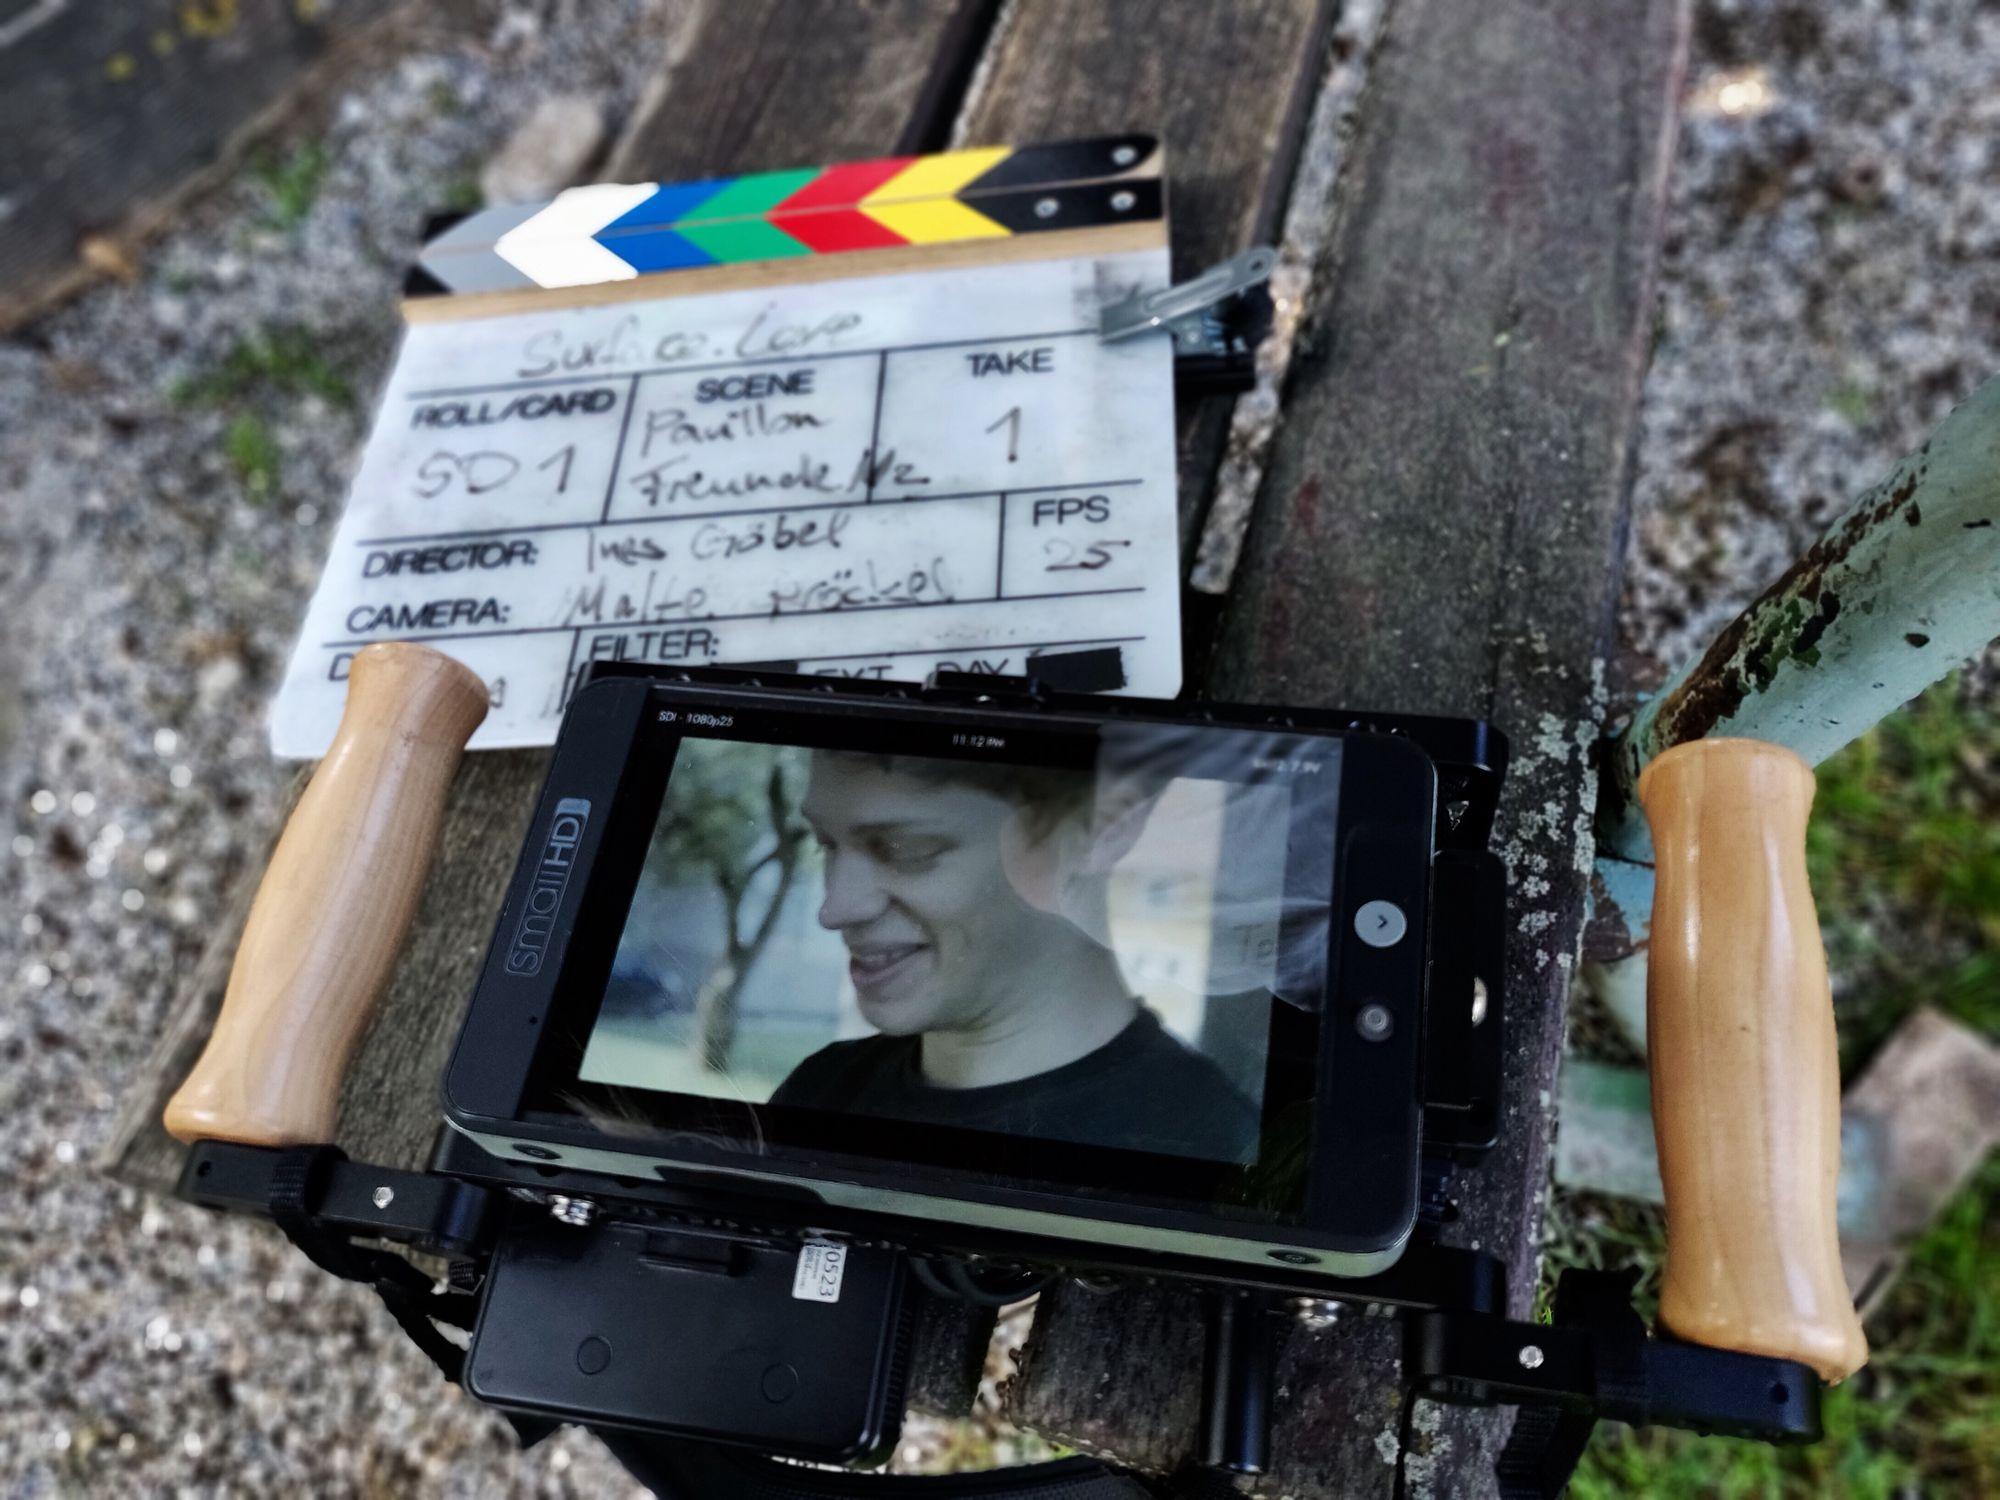 Eine Filmklappe und ein Ausspielmonitor, auf dem eine gedrehte Szene angezeigt wird, liegen auf einer Bank